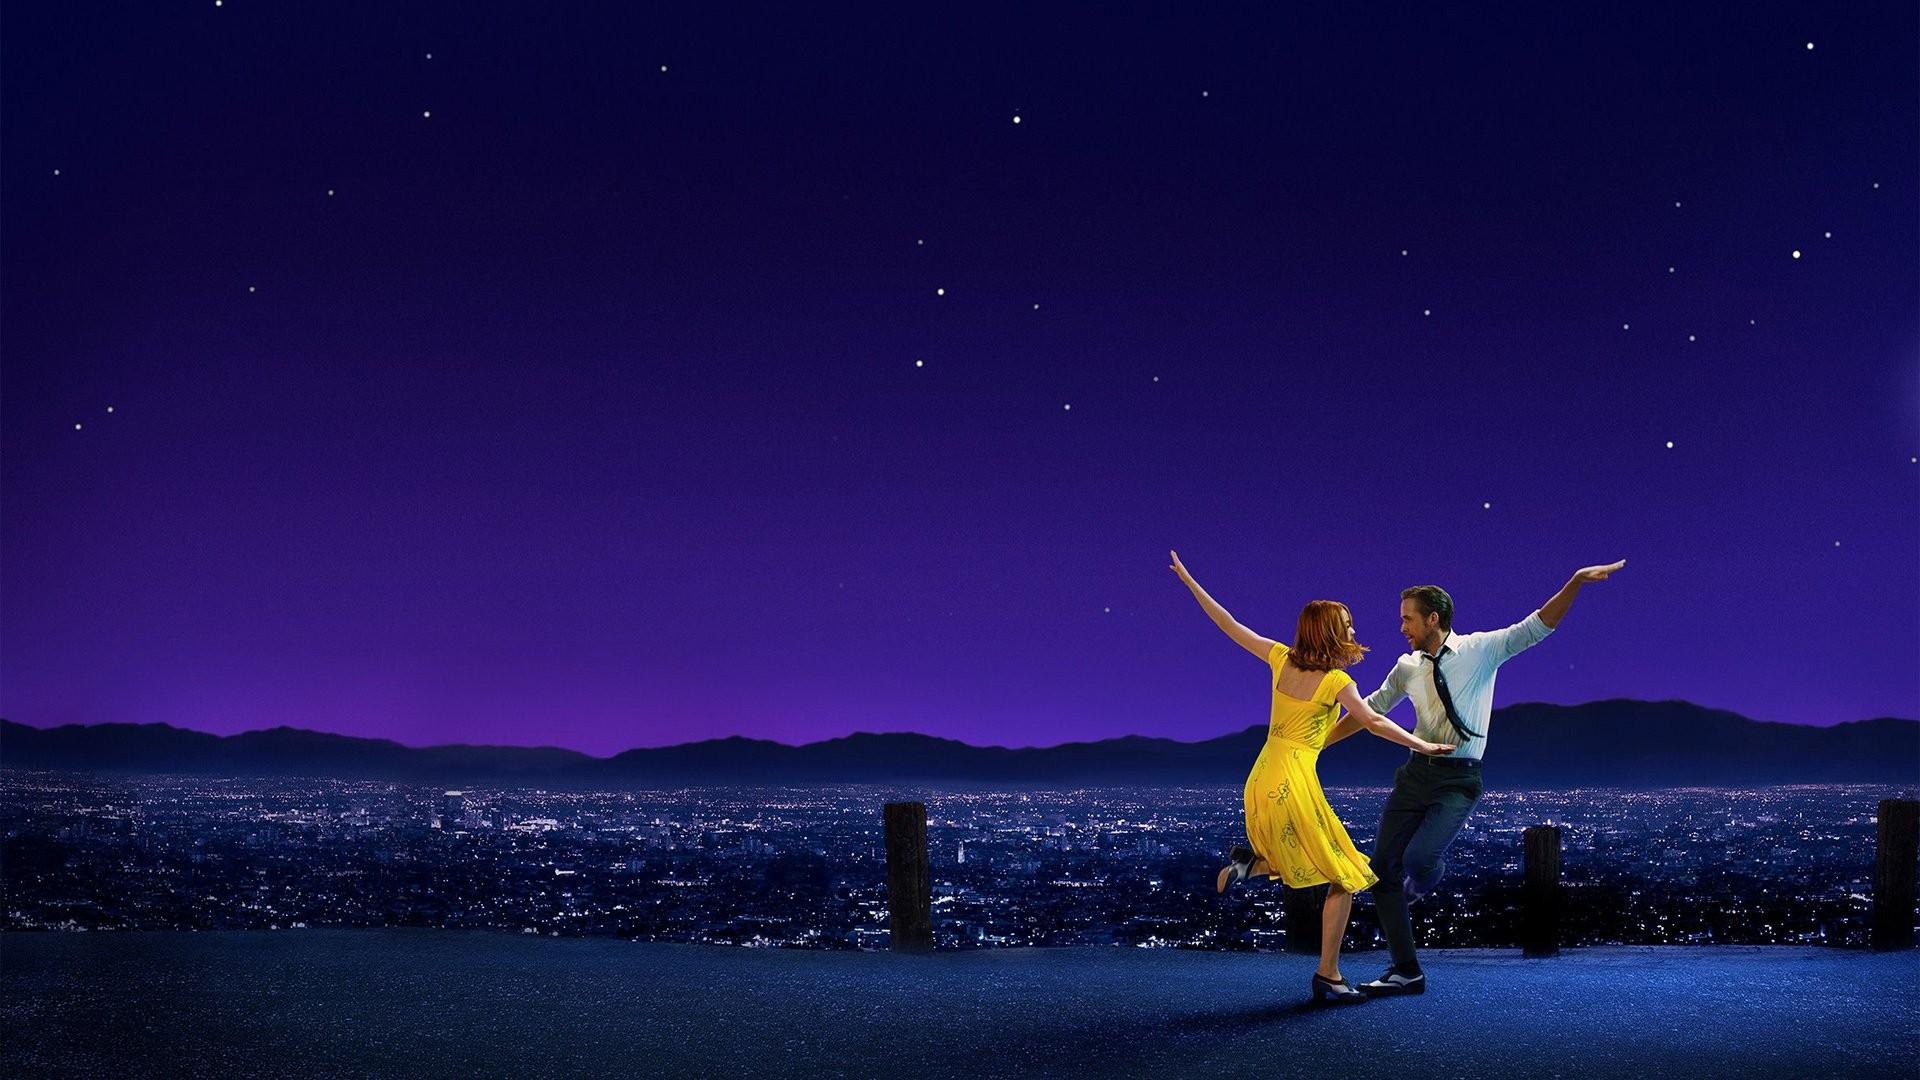 La La Land Wallpapers 80 Pictures